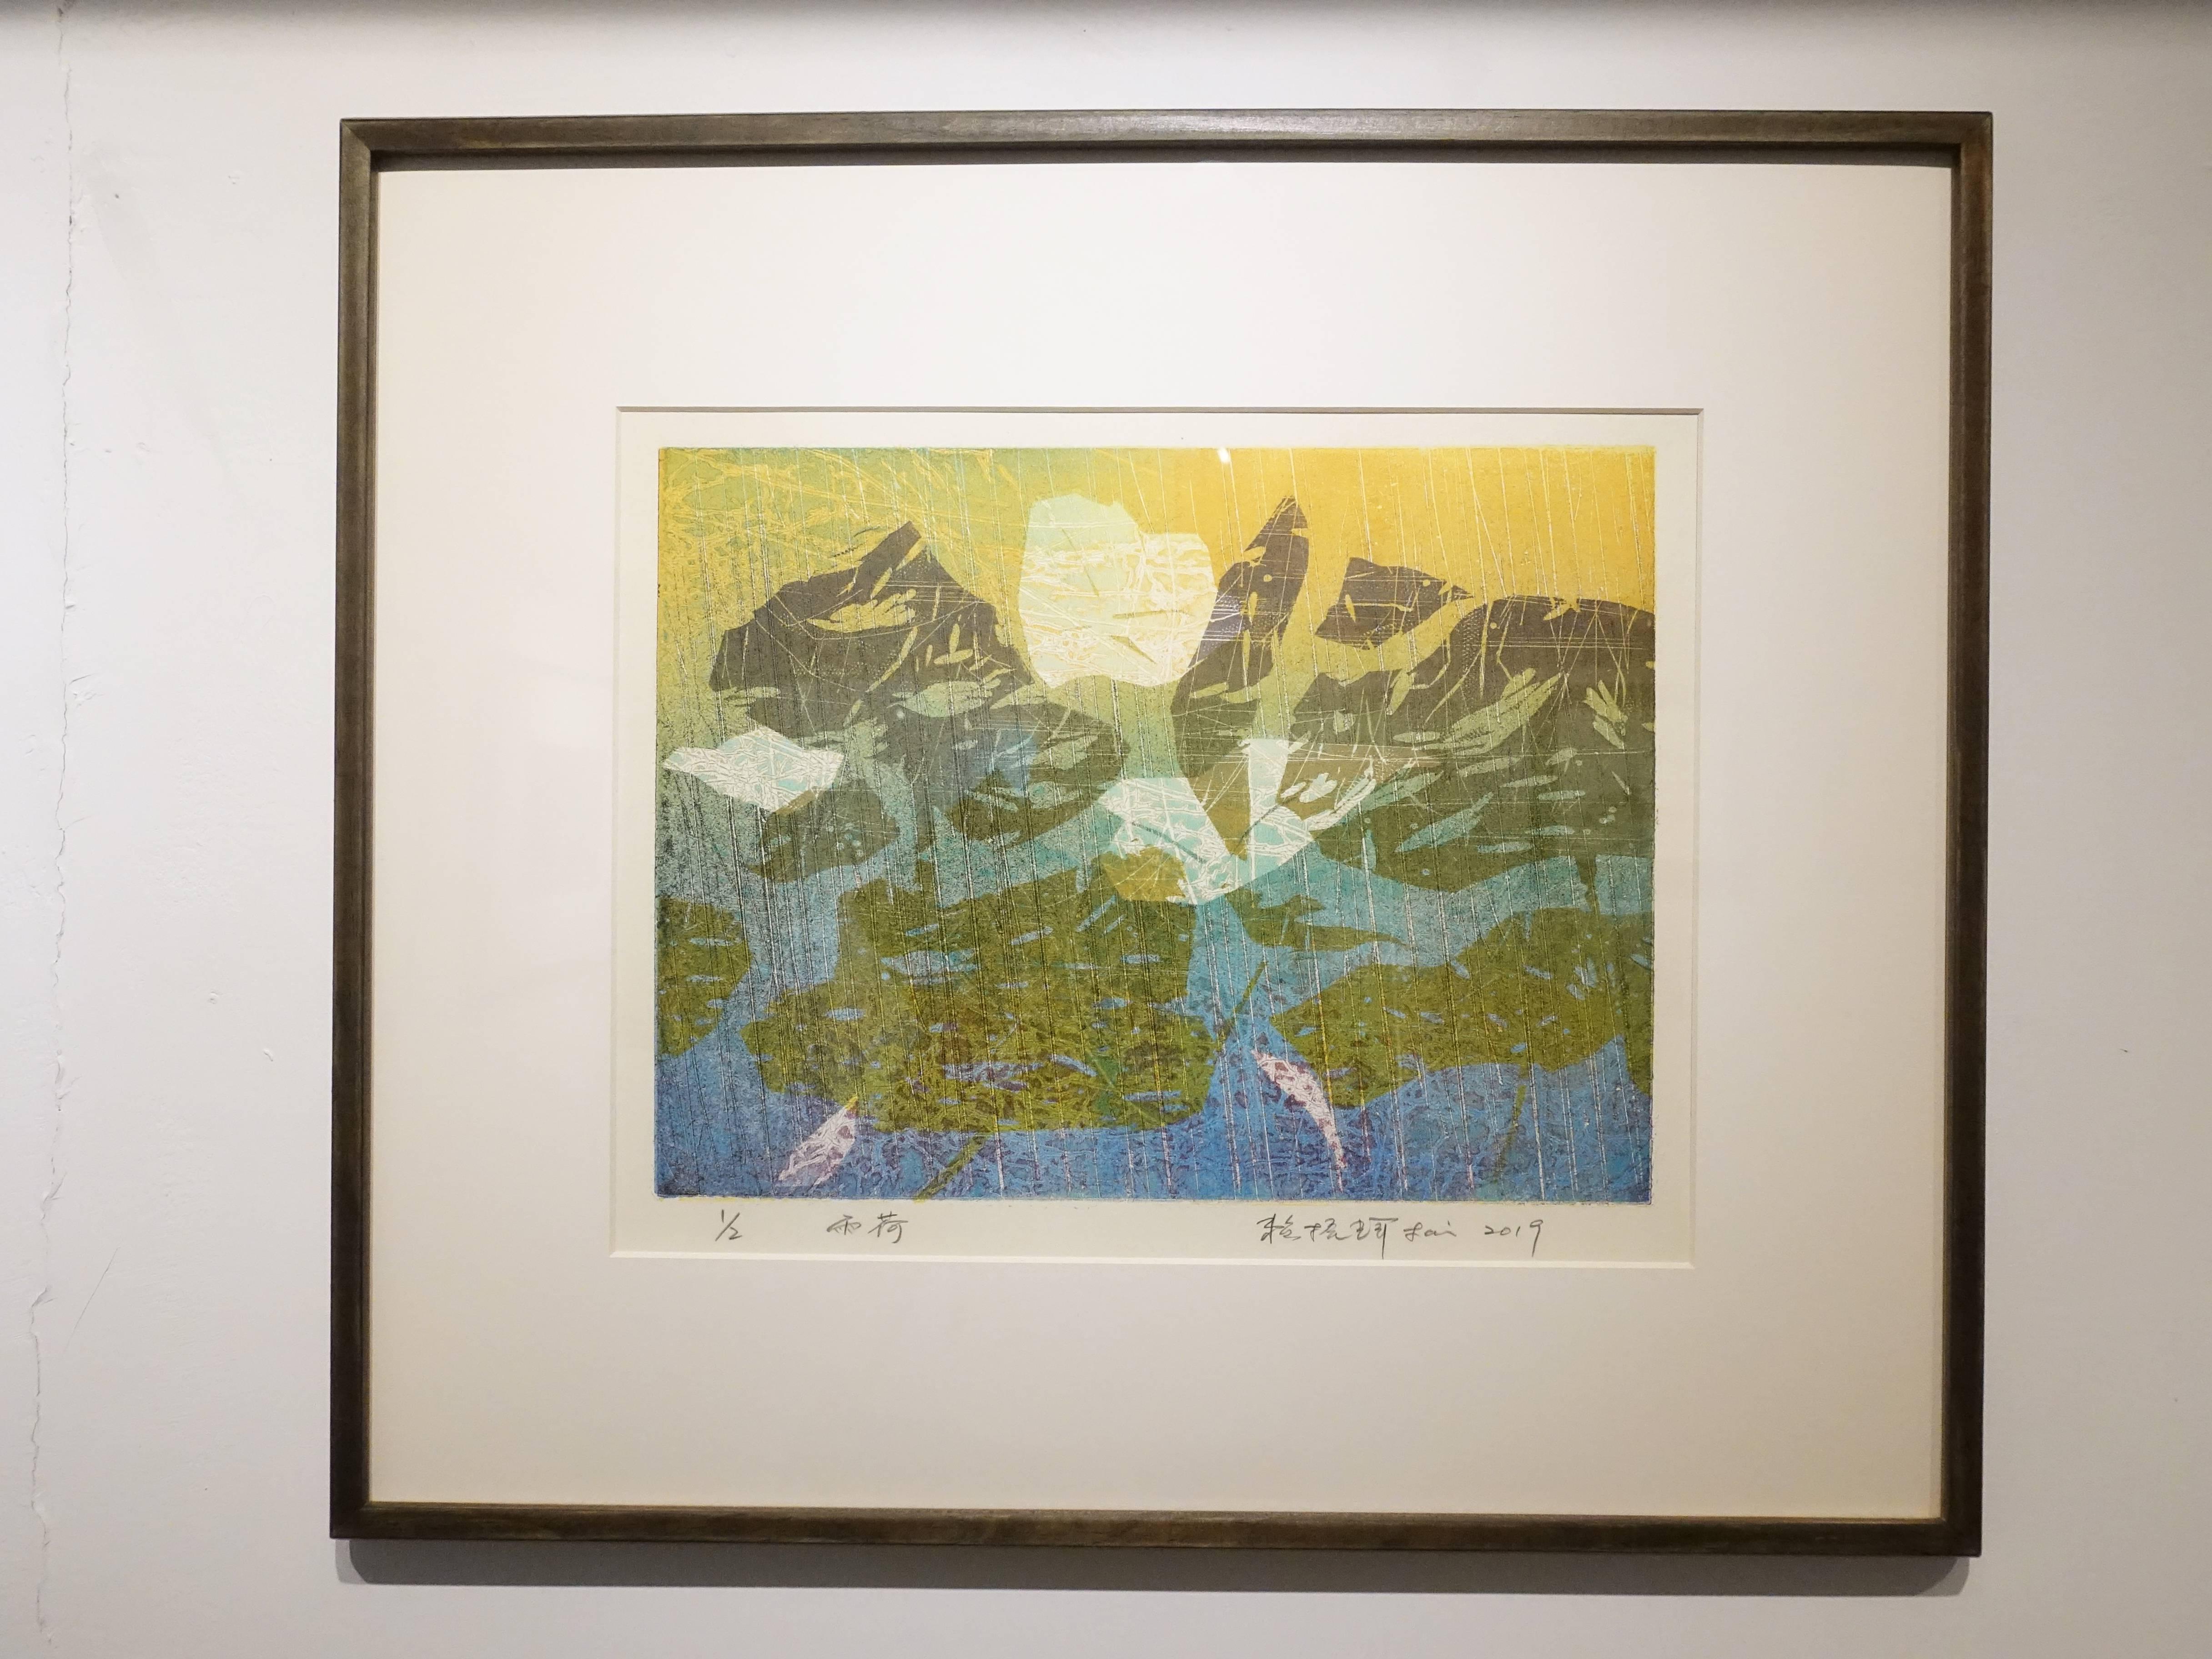 賴振輝,《雨荷》,22.5 x 30 cm,1/2,併用版,2019。